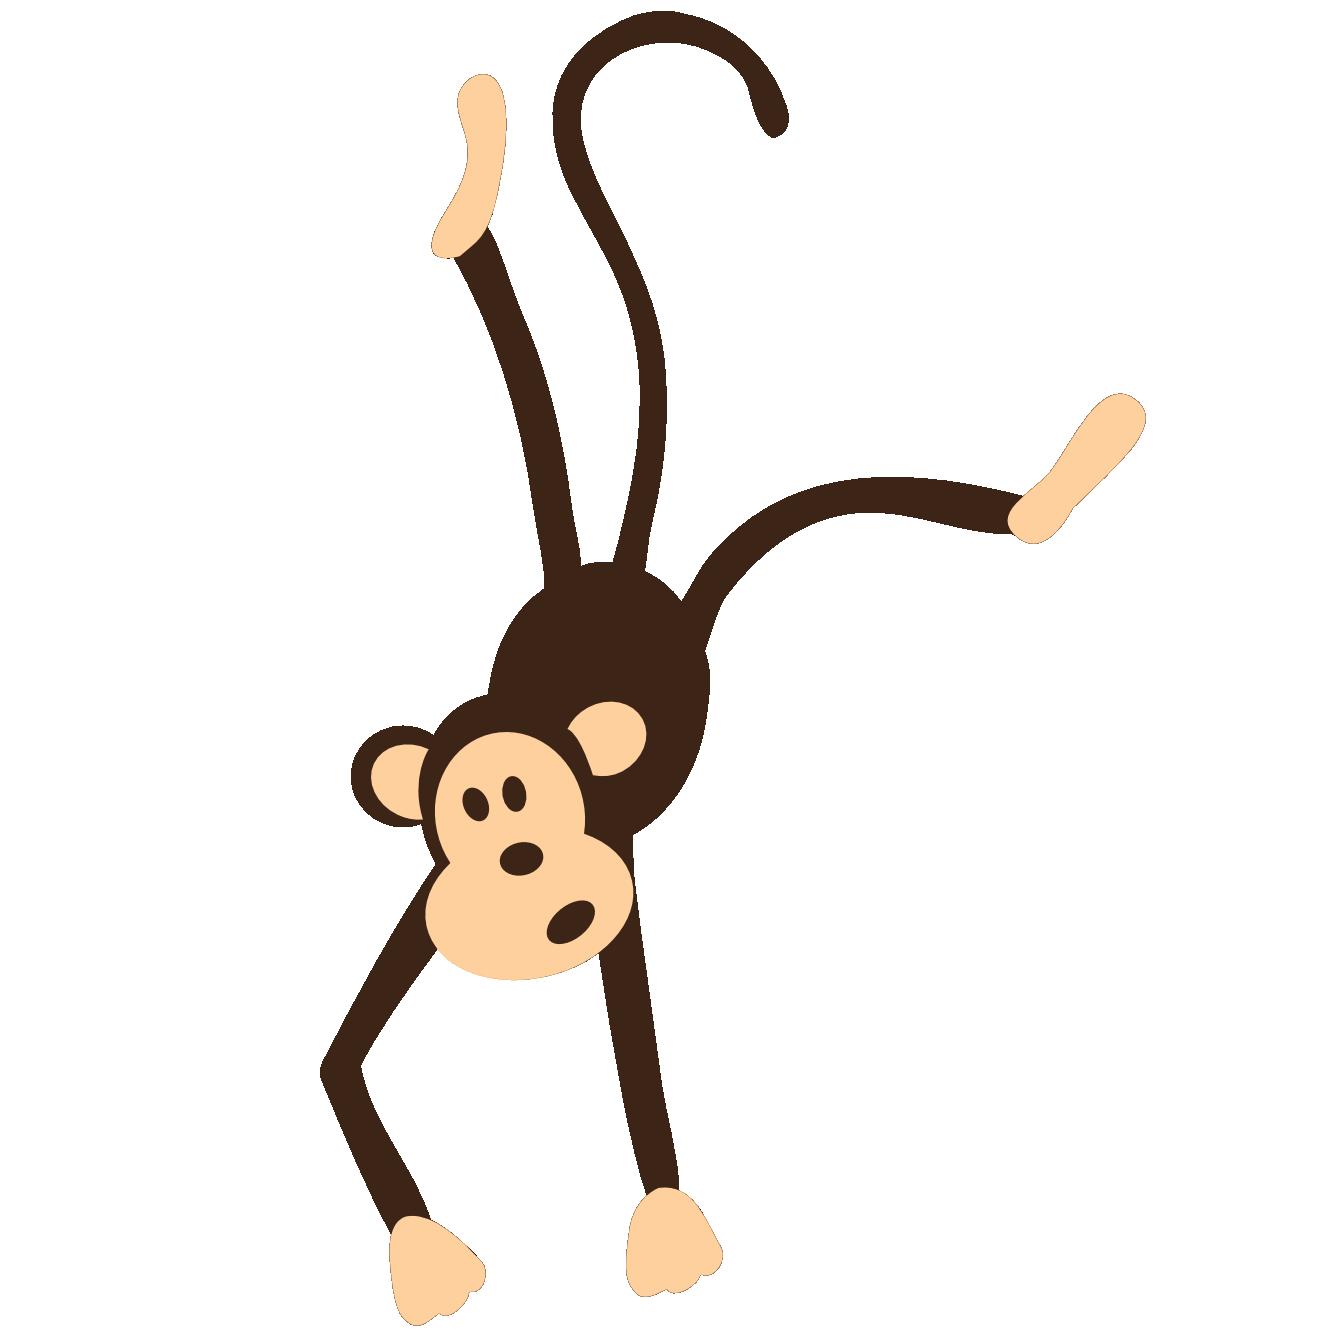 Monkey clipart animal. Clip art for teachers